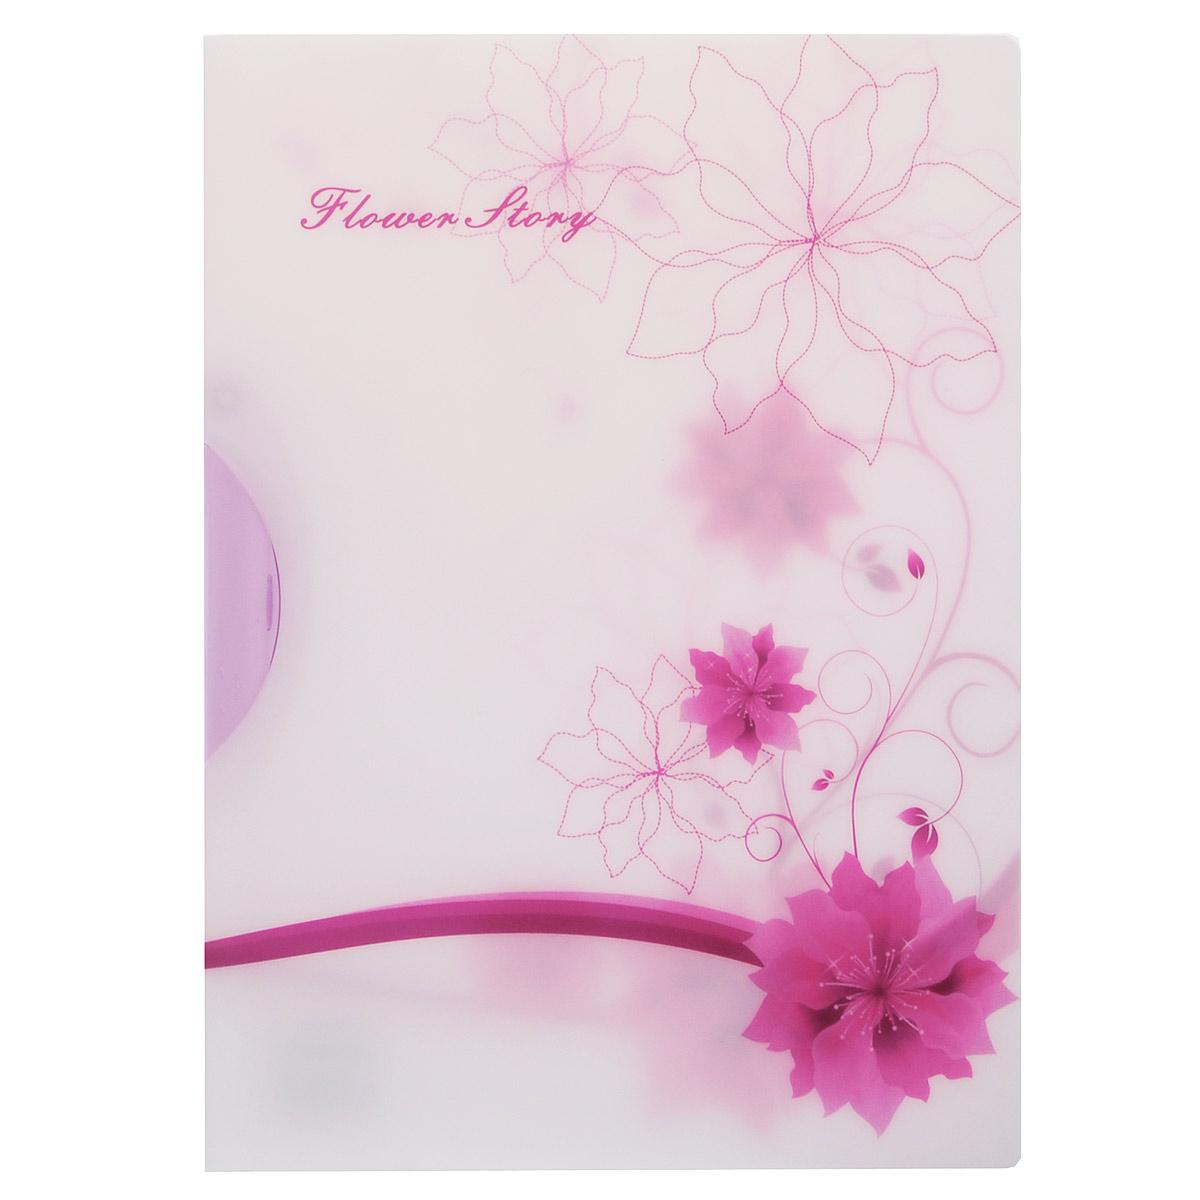 Папка с клипом Centrum Цветочная история, цвет: розовый, формат А4 папка с клипом centrum прозрачная цвет синий формат а4 4 шт